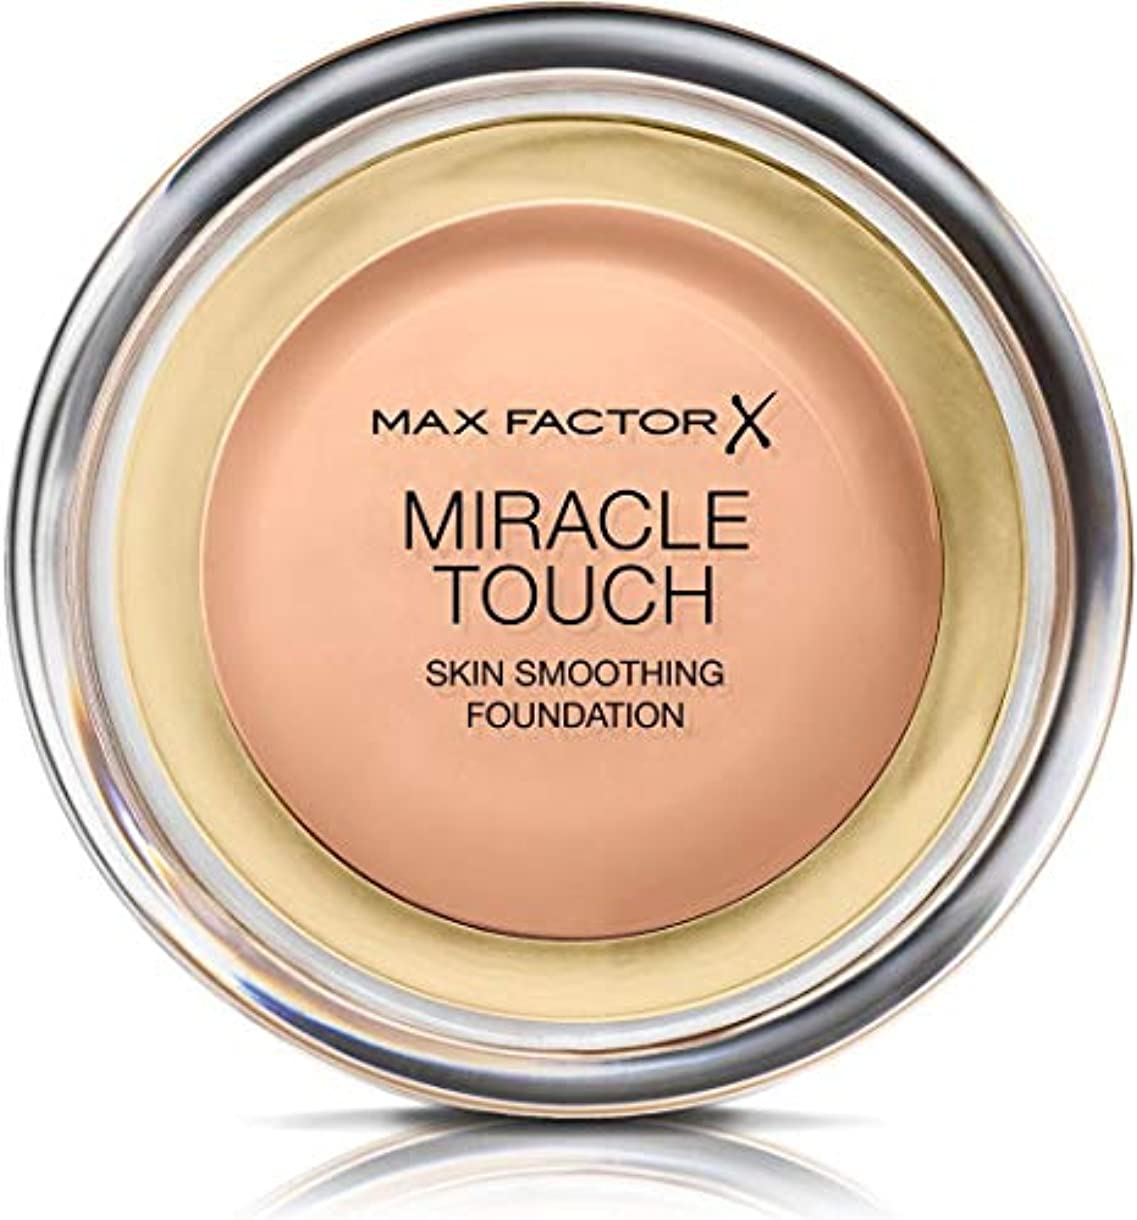 名前を作る女王今マックス ファクター ミラクル タッチ スキン スムーズ ファウンデーション - ローズ ベージュ Max Factor Miracle Touch Skin Smoothing Foundation - Rose Beige...